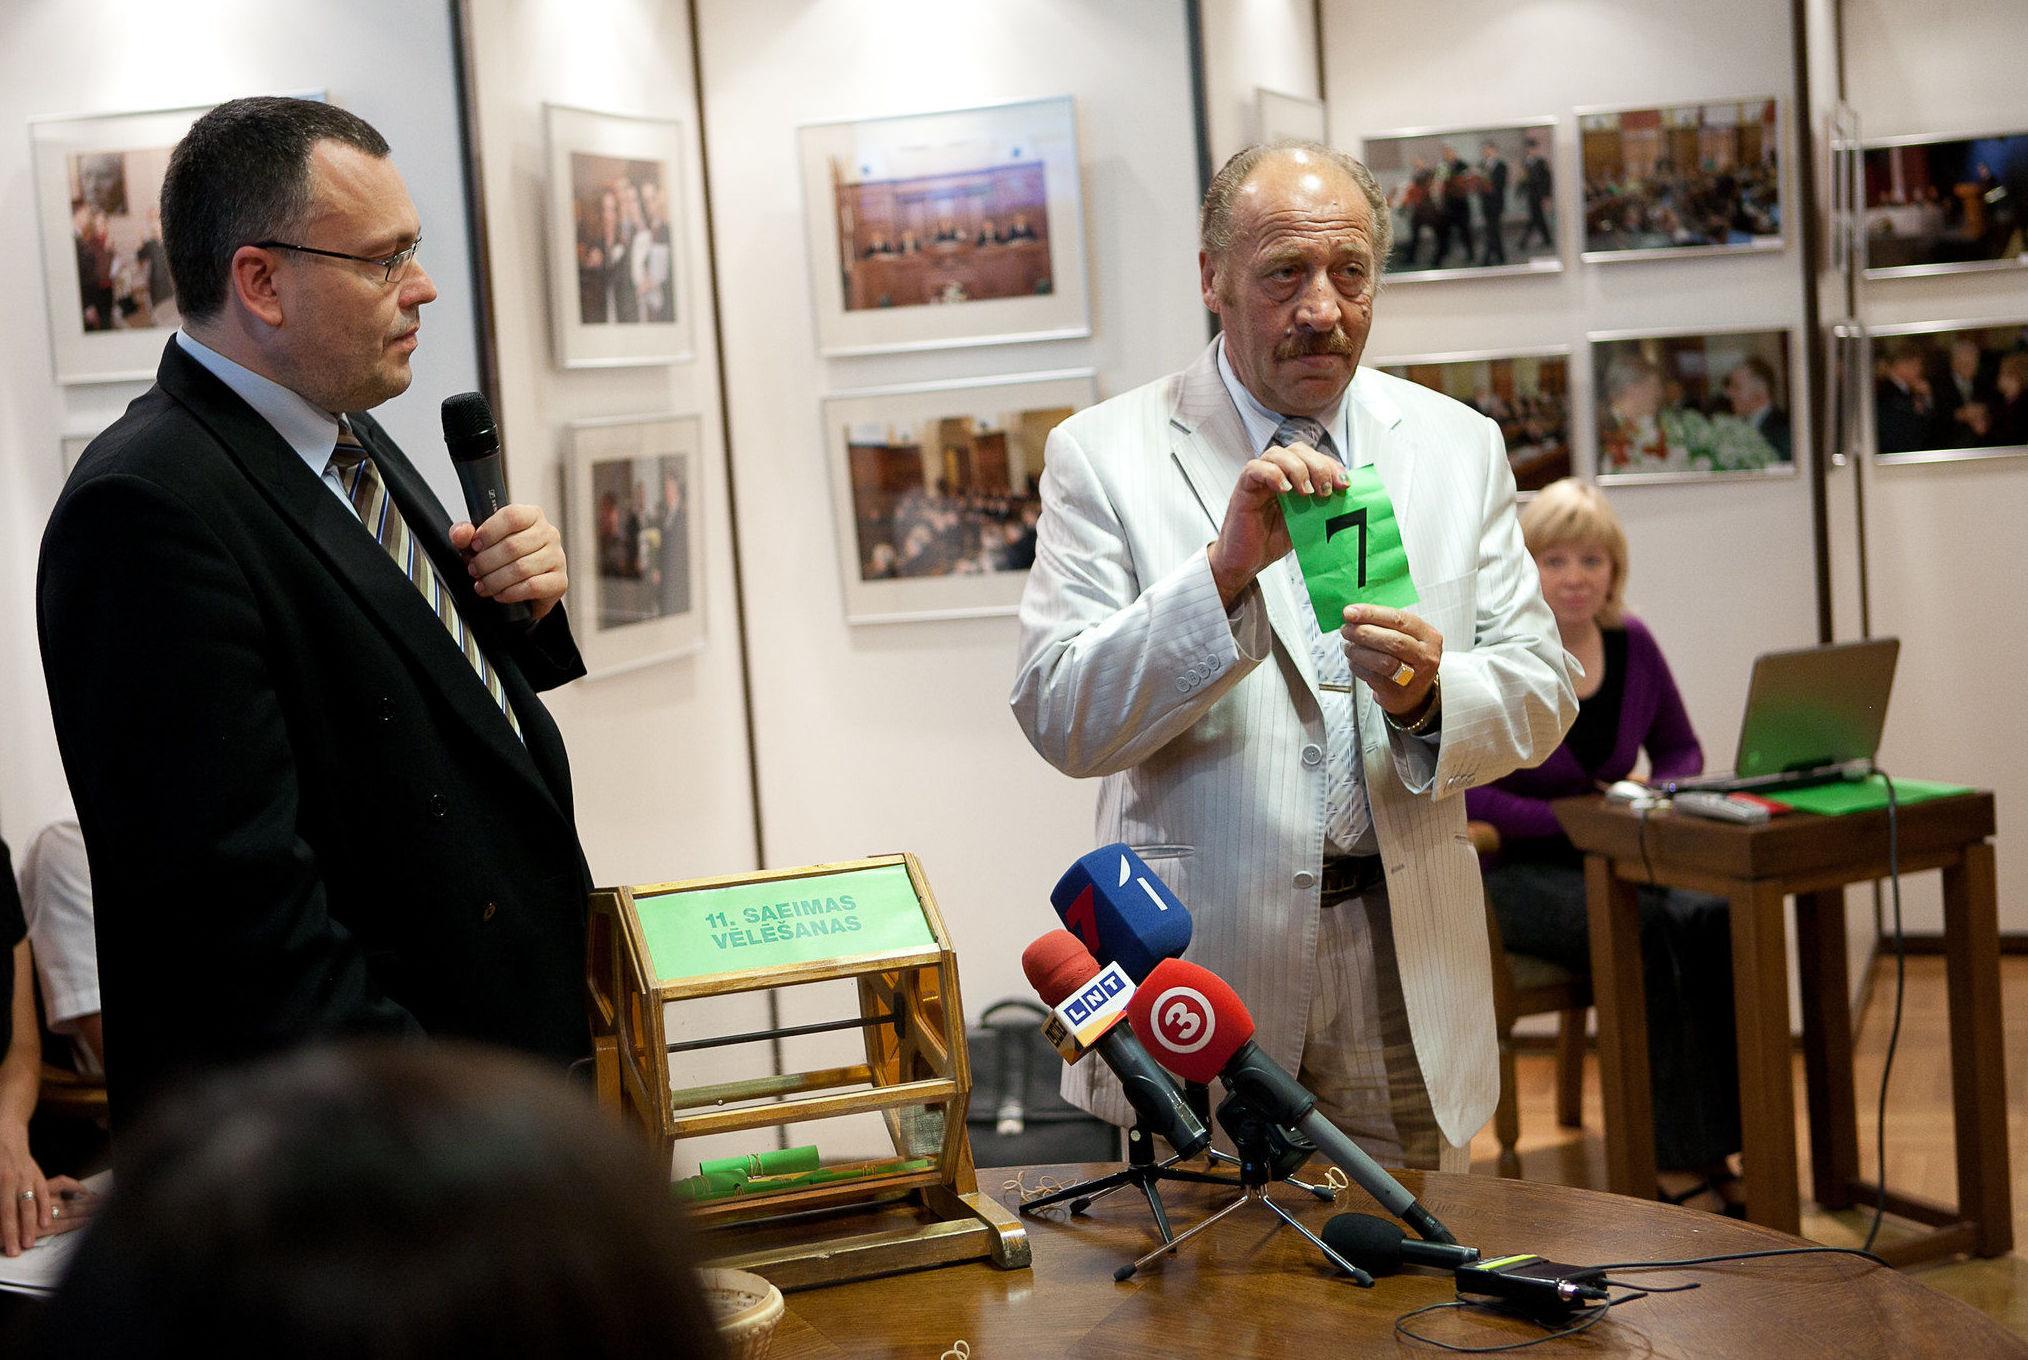 Яков Плинер на лотерее номеров списков кандидатов в депутаты, зарегистрированных для участия в выборах в Сейм, 2011 год